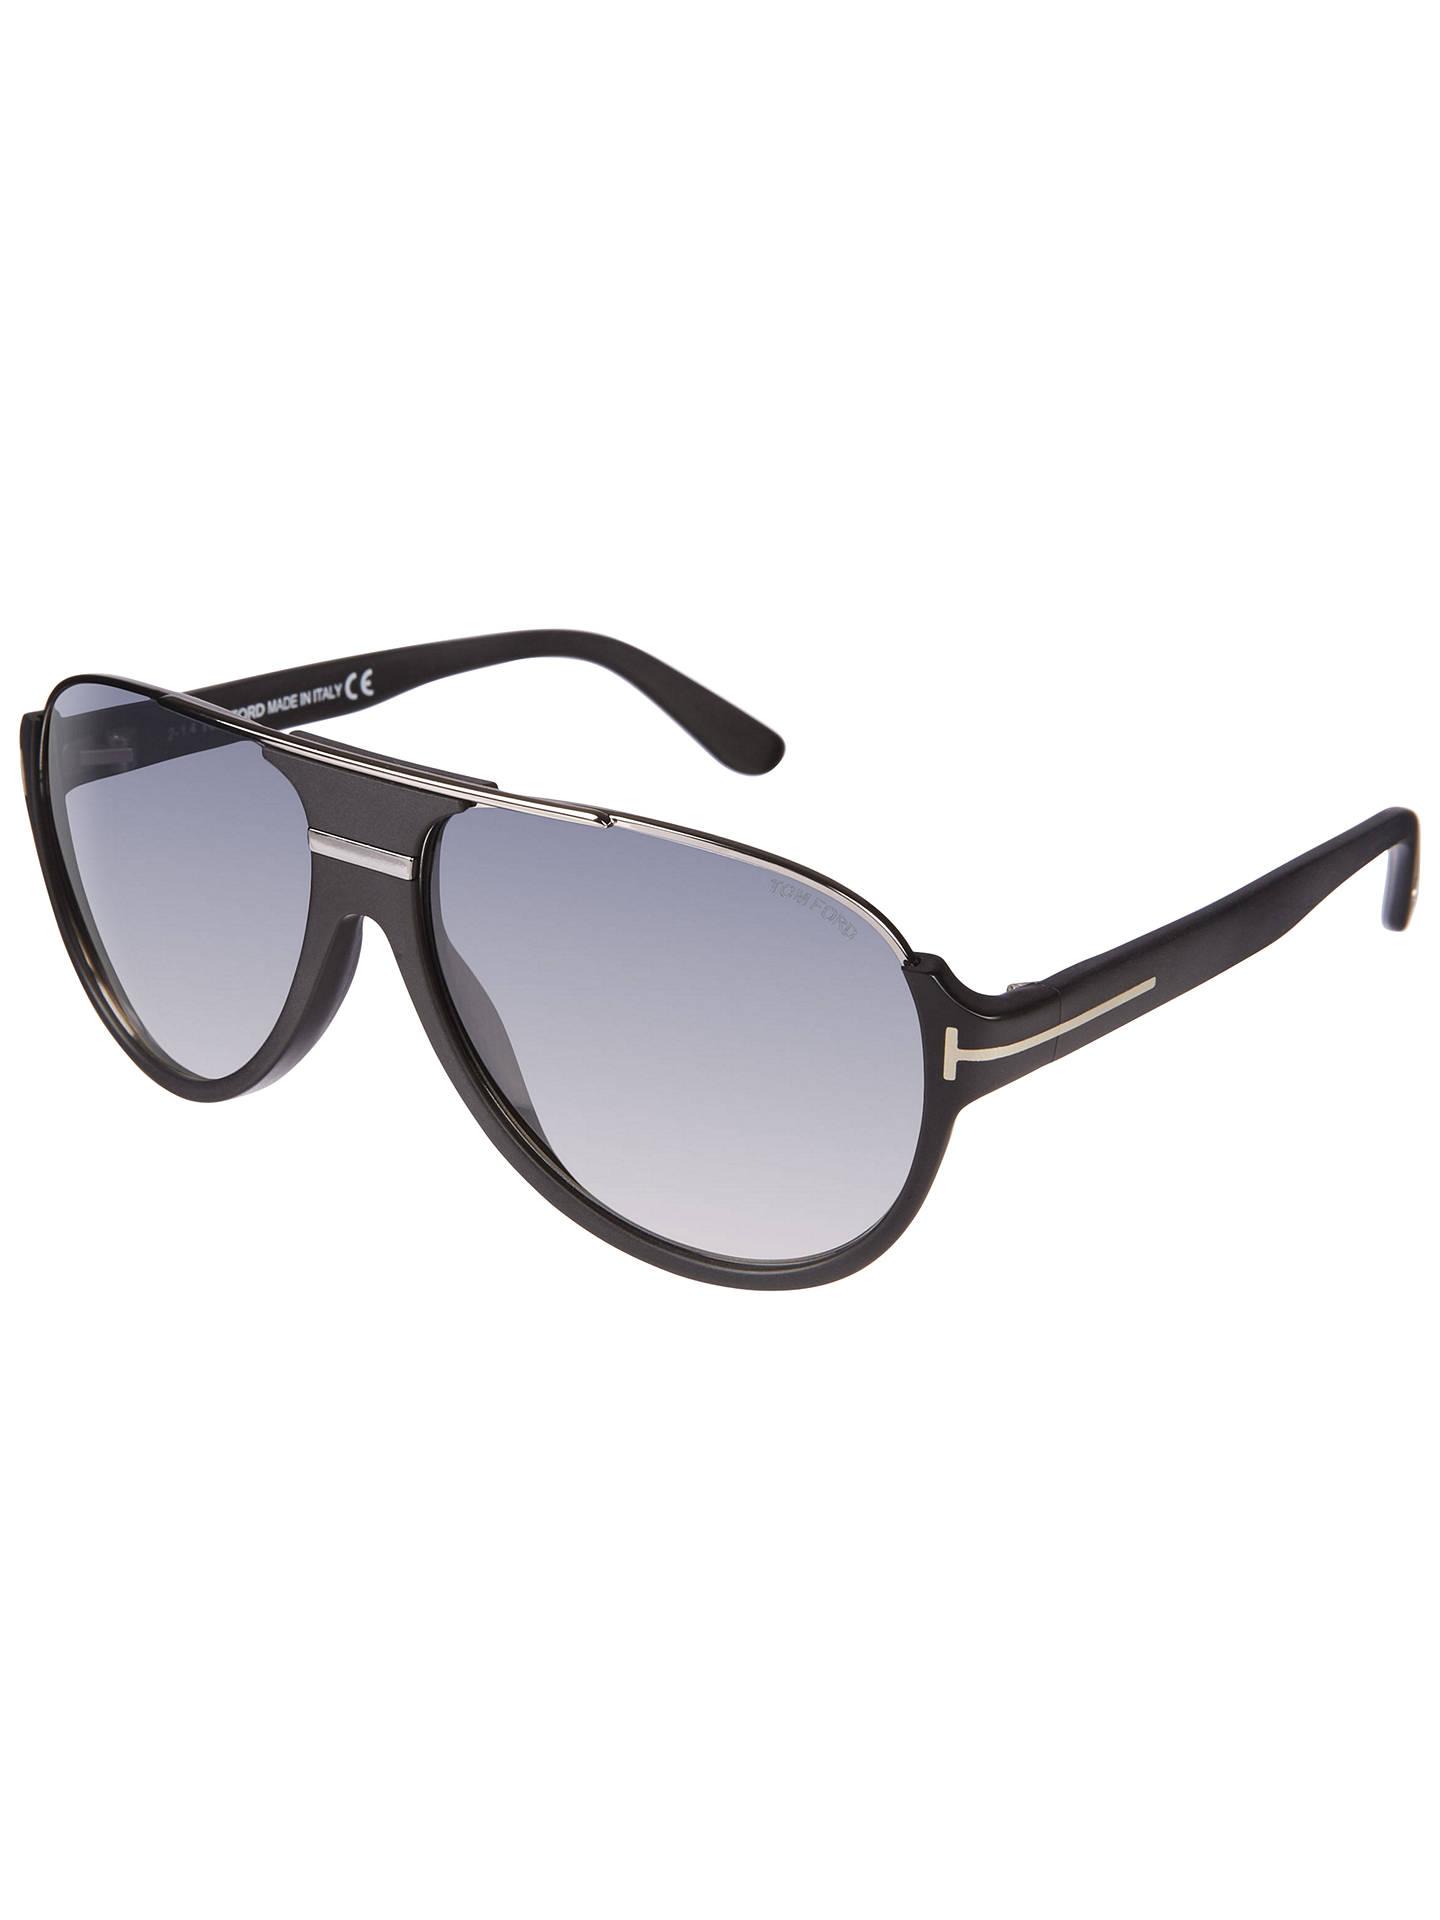 31427565c8f66 Buy TOM FORD FT0334 Dimitry Sunglasses